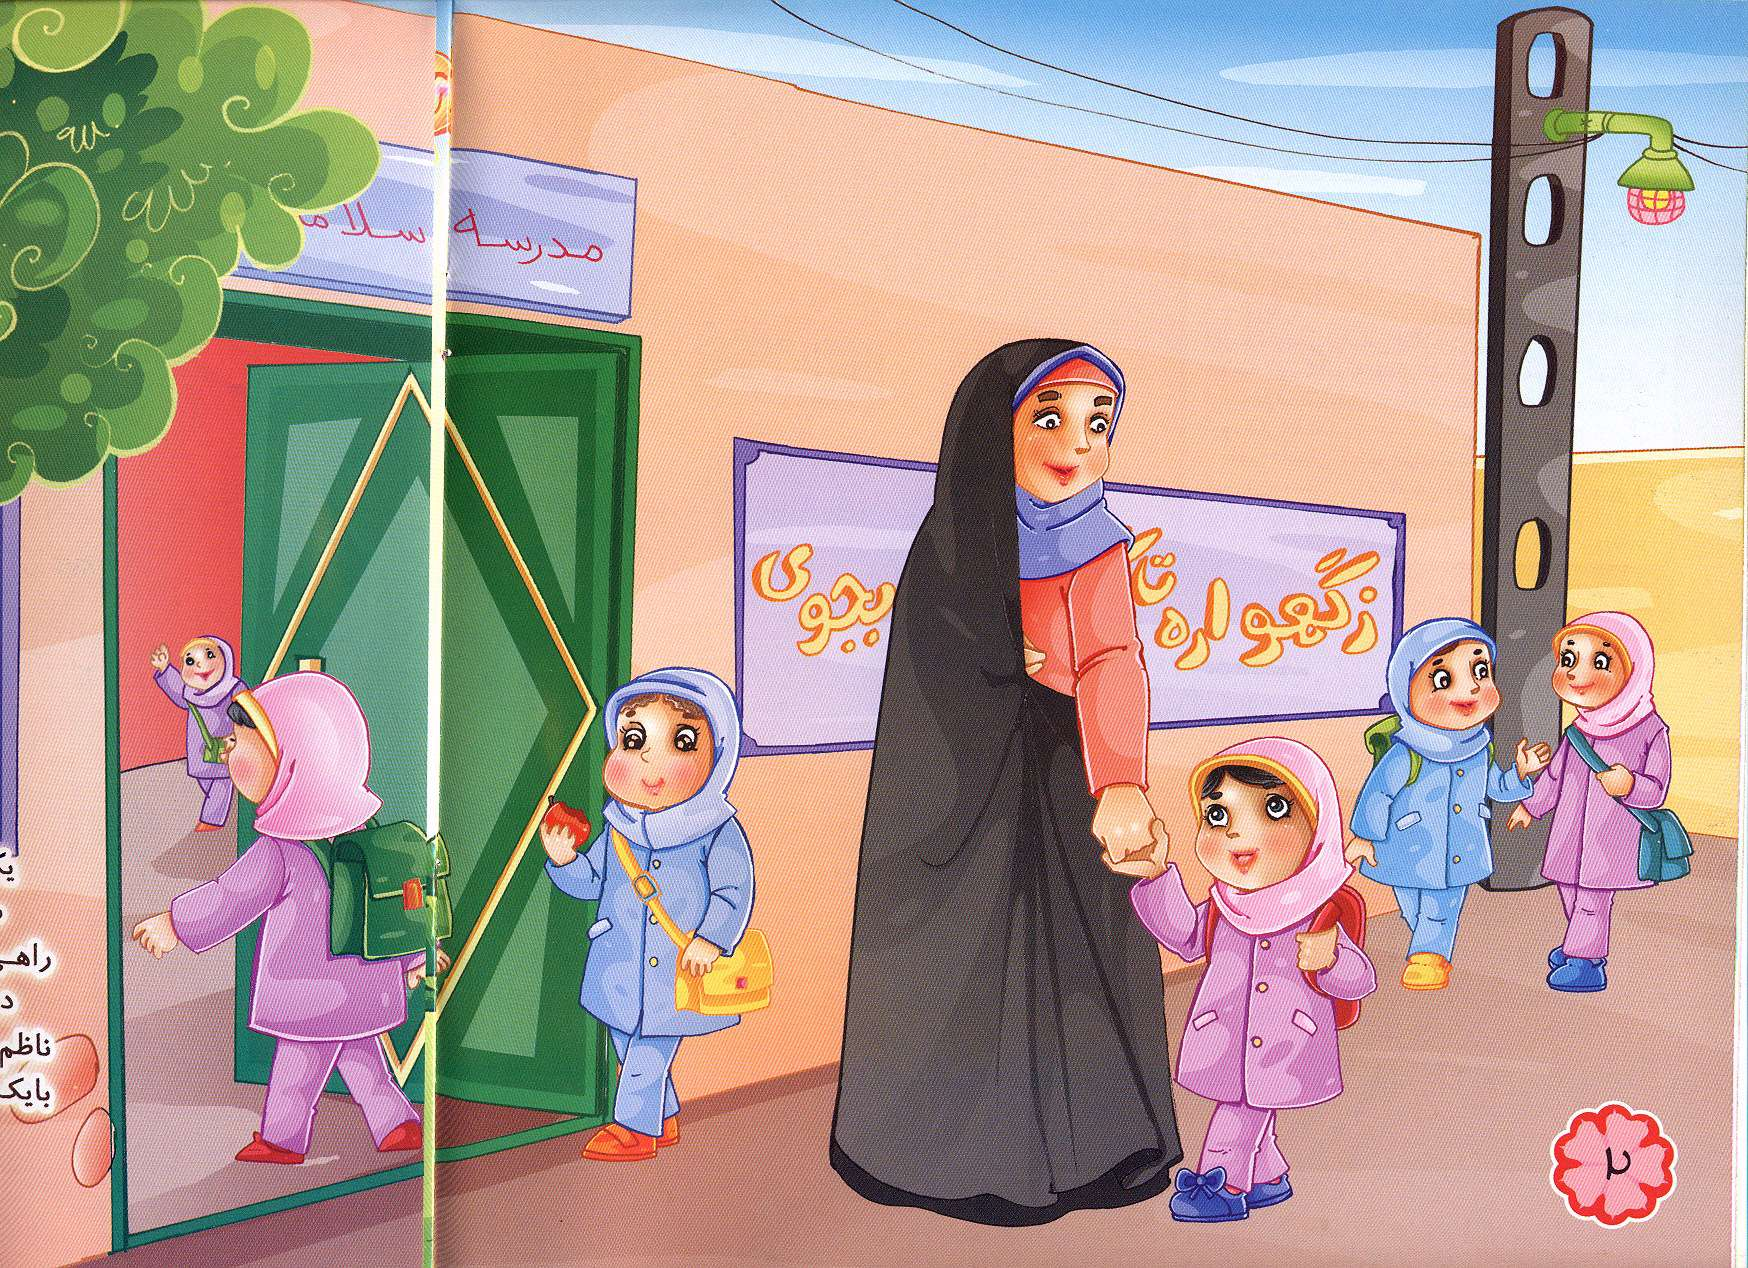 نقاشی روی درب مدرسه تصویر رفتن به مدرسه گنجینه تصاویر تبيان